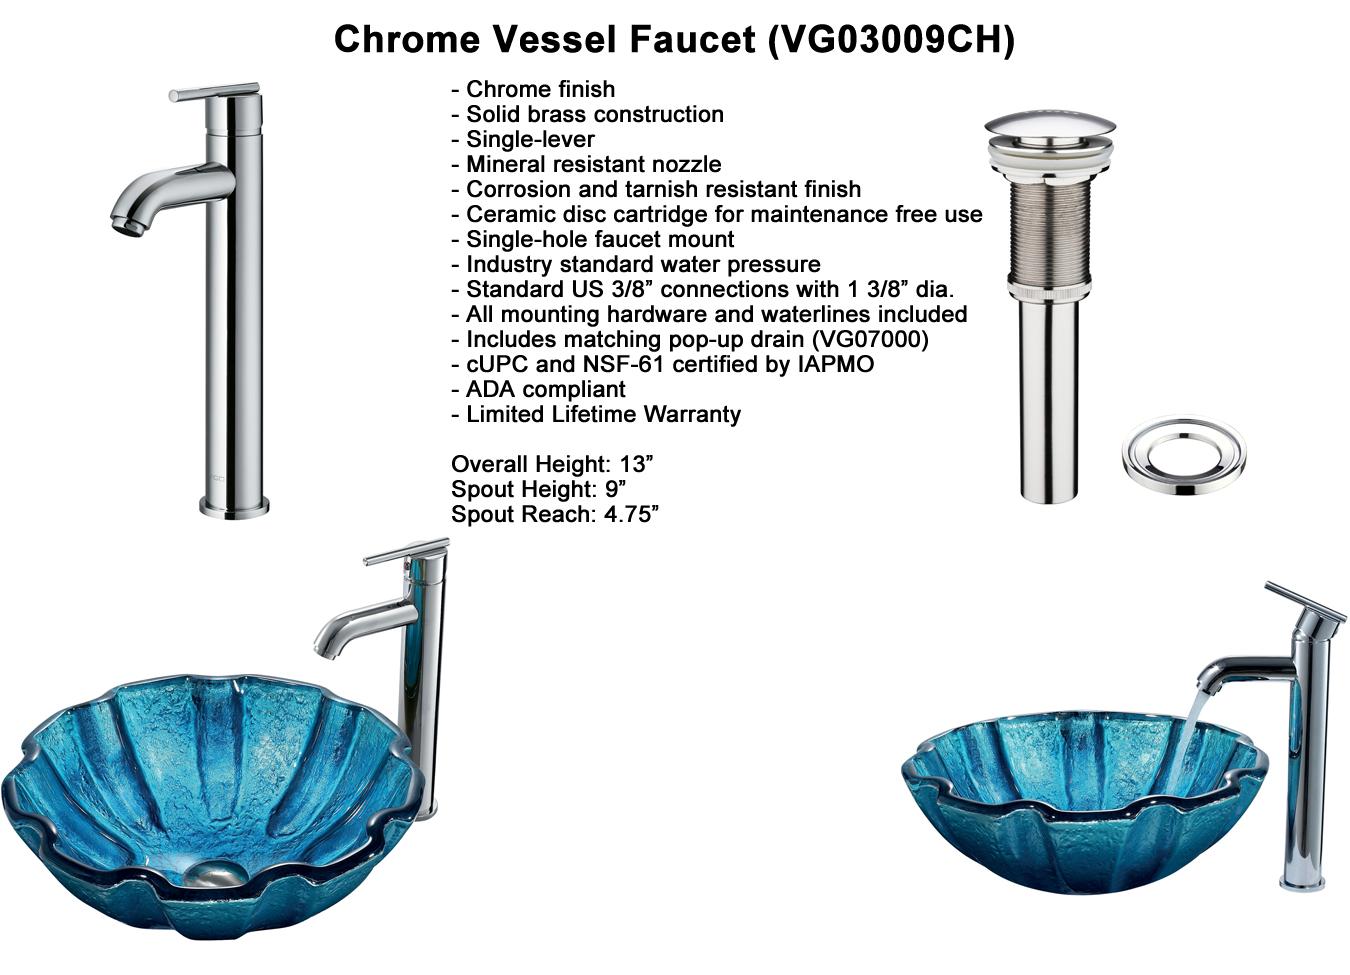 Faucet Option 4: Chrome Vessel Faucet (VGT164)